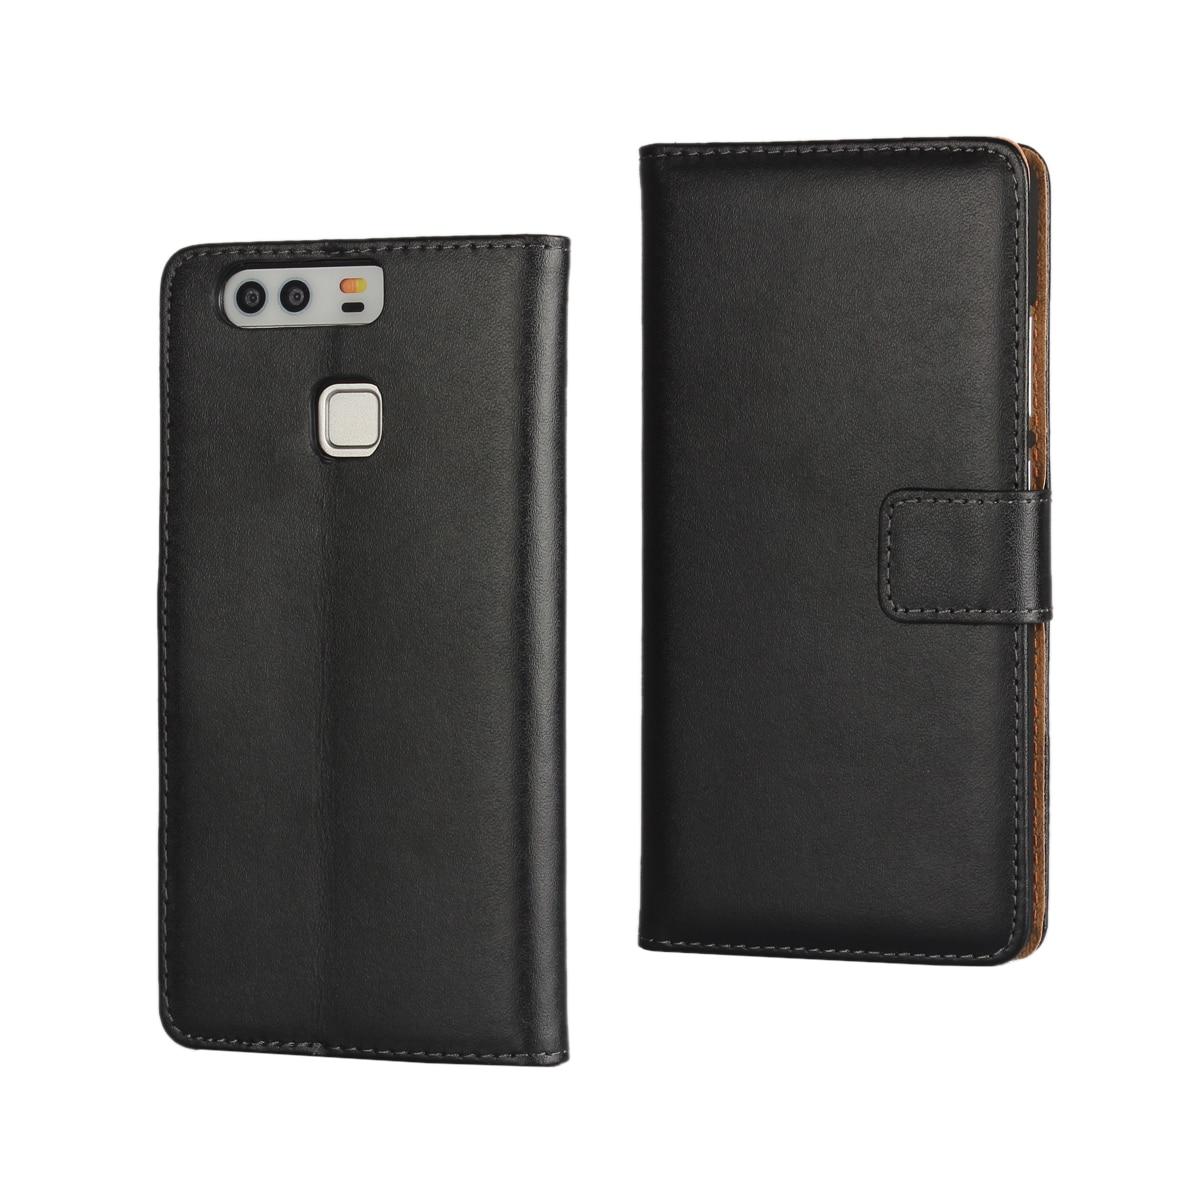 Väska till Huawei P9 täcka Premium PU-läderplånbok Väska Flip - Reservdelar och tillbehör för mobiltelefoner - Foto 6